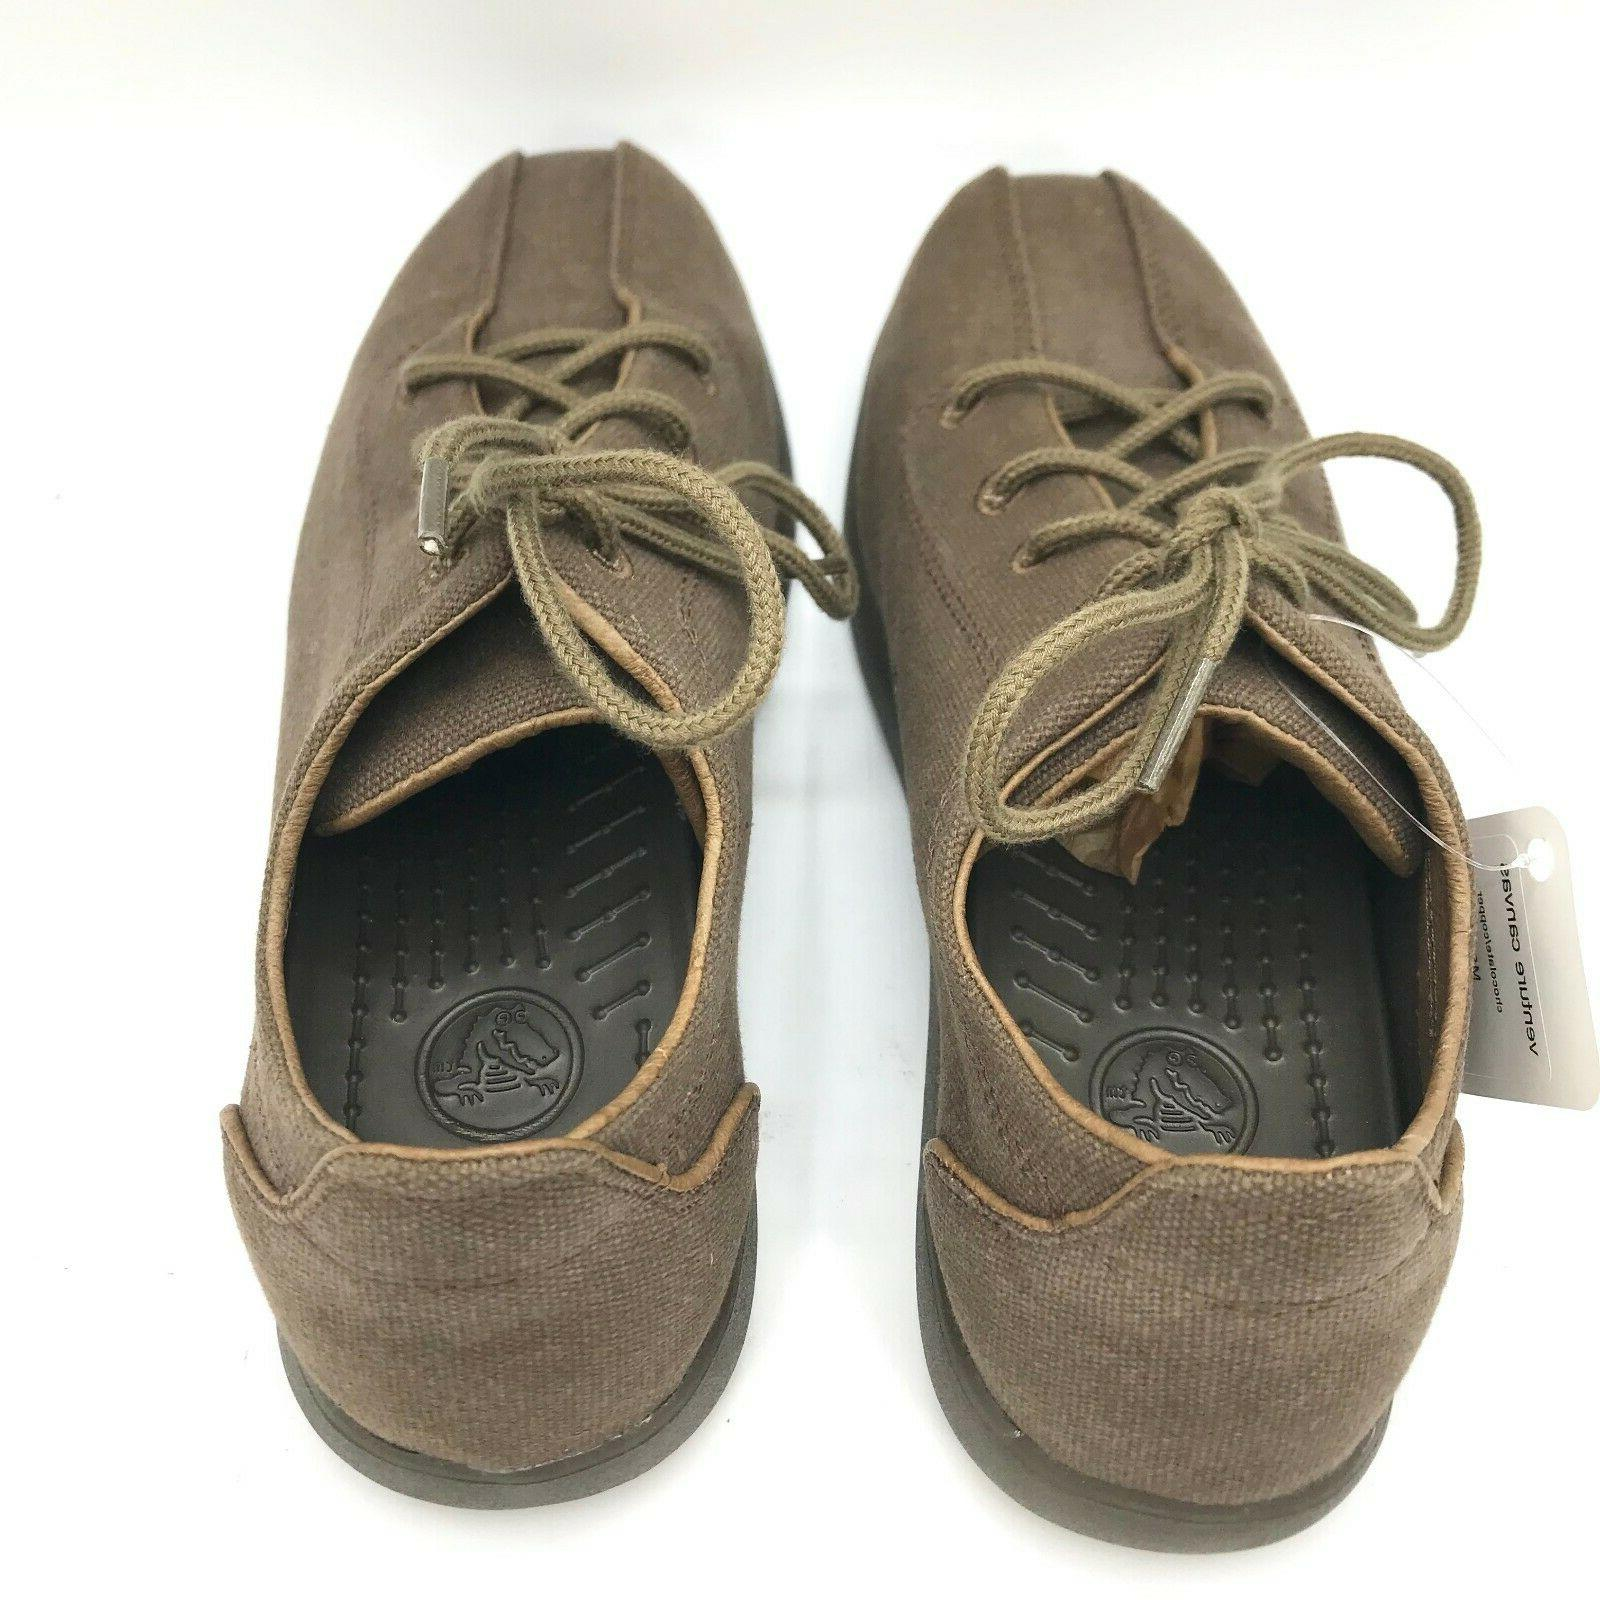 CROCS Mens Venture Canvas Chocolate Up Shoe